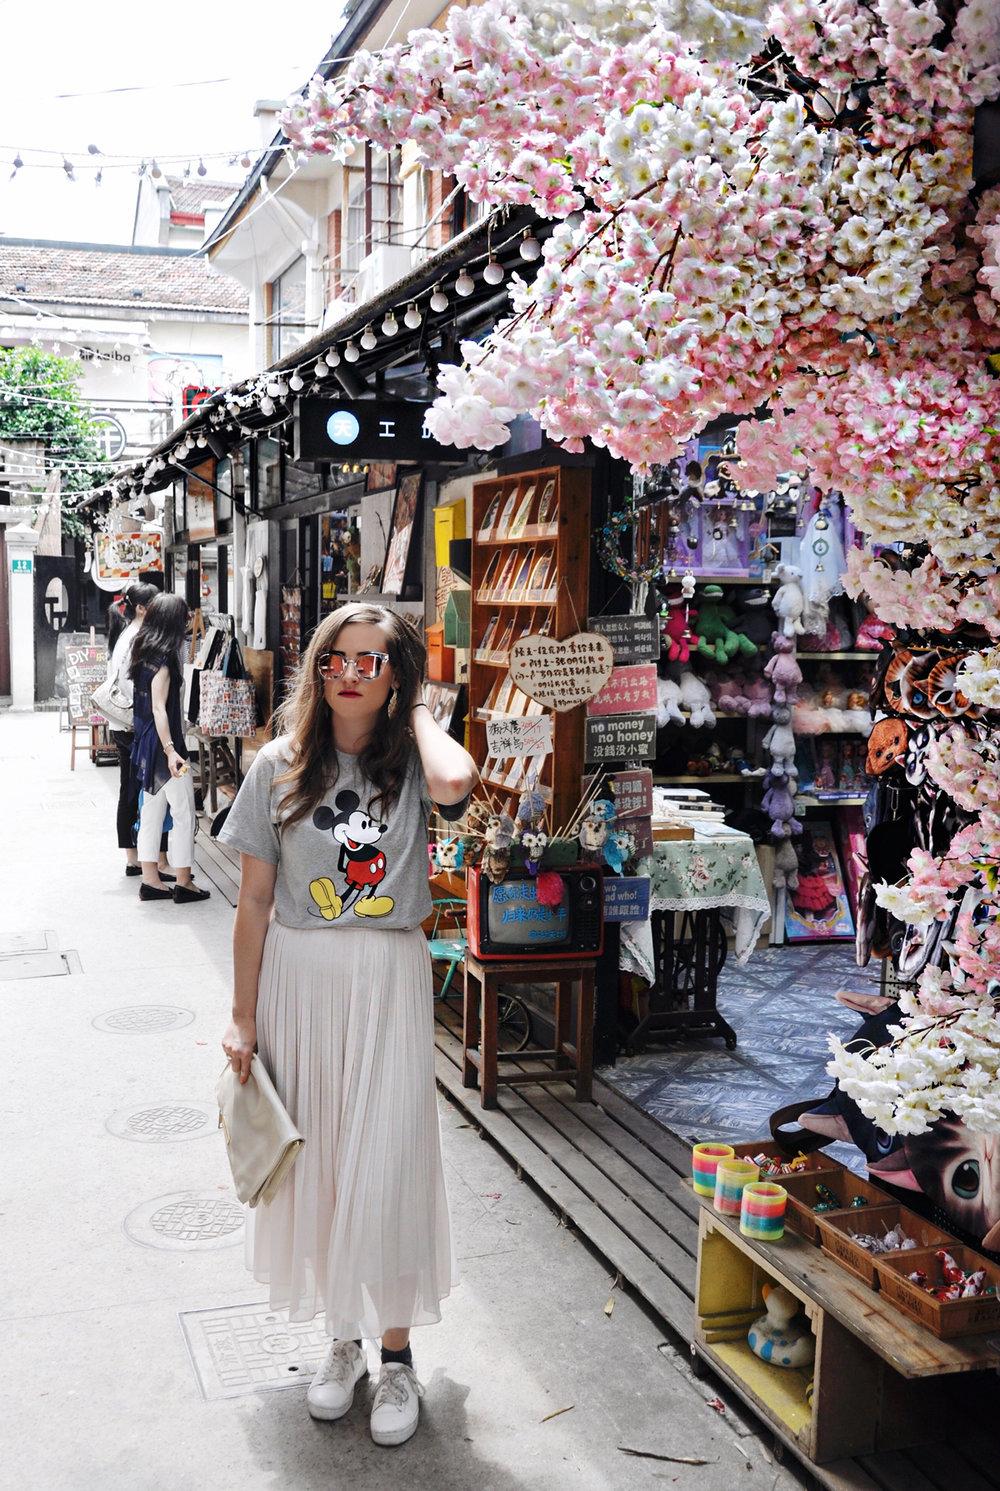 Shanghai_Bild13-1.jpg